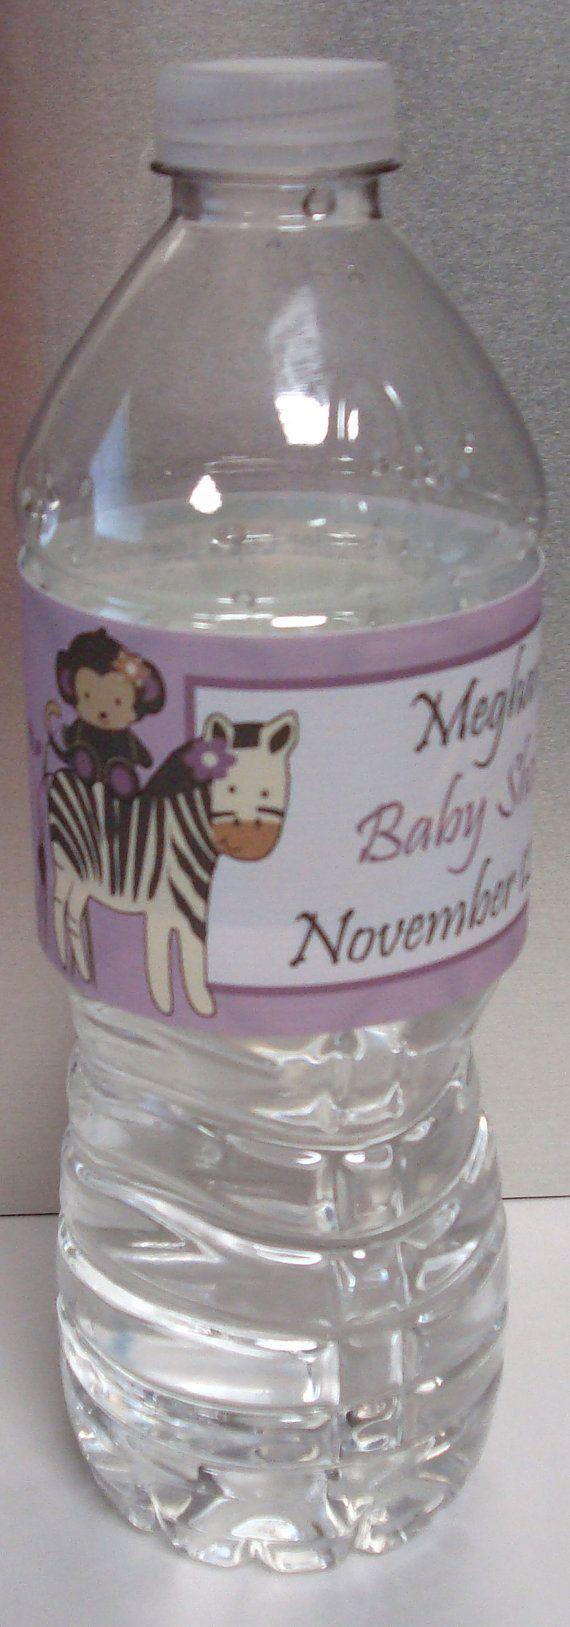 purple zebra baby shower ideas for girls | Girl Baby Shower Water Bottle Labels - Pretty Purple ... http://www.bottleyourbrand.com/water-bottle-labels